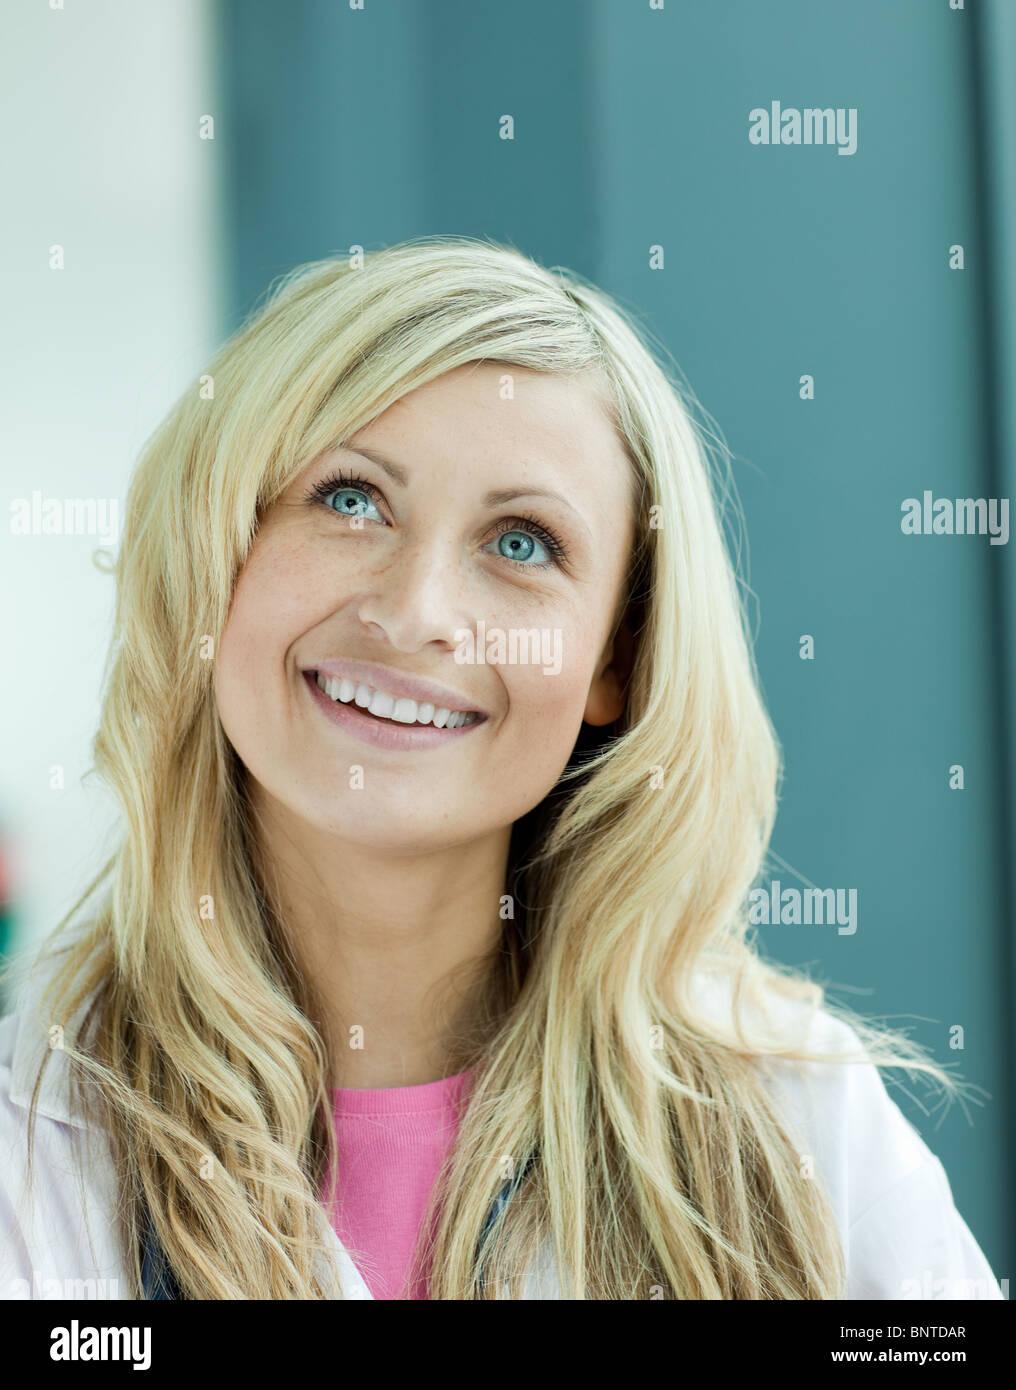 Radiant medico donna guardando la telecamera Immagini Stock